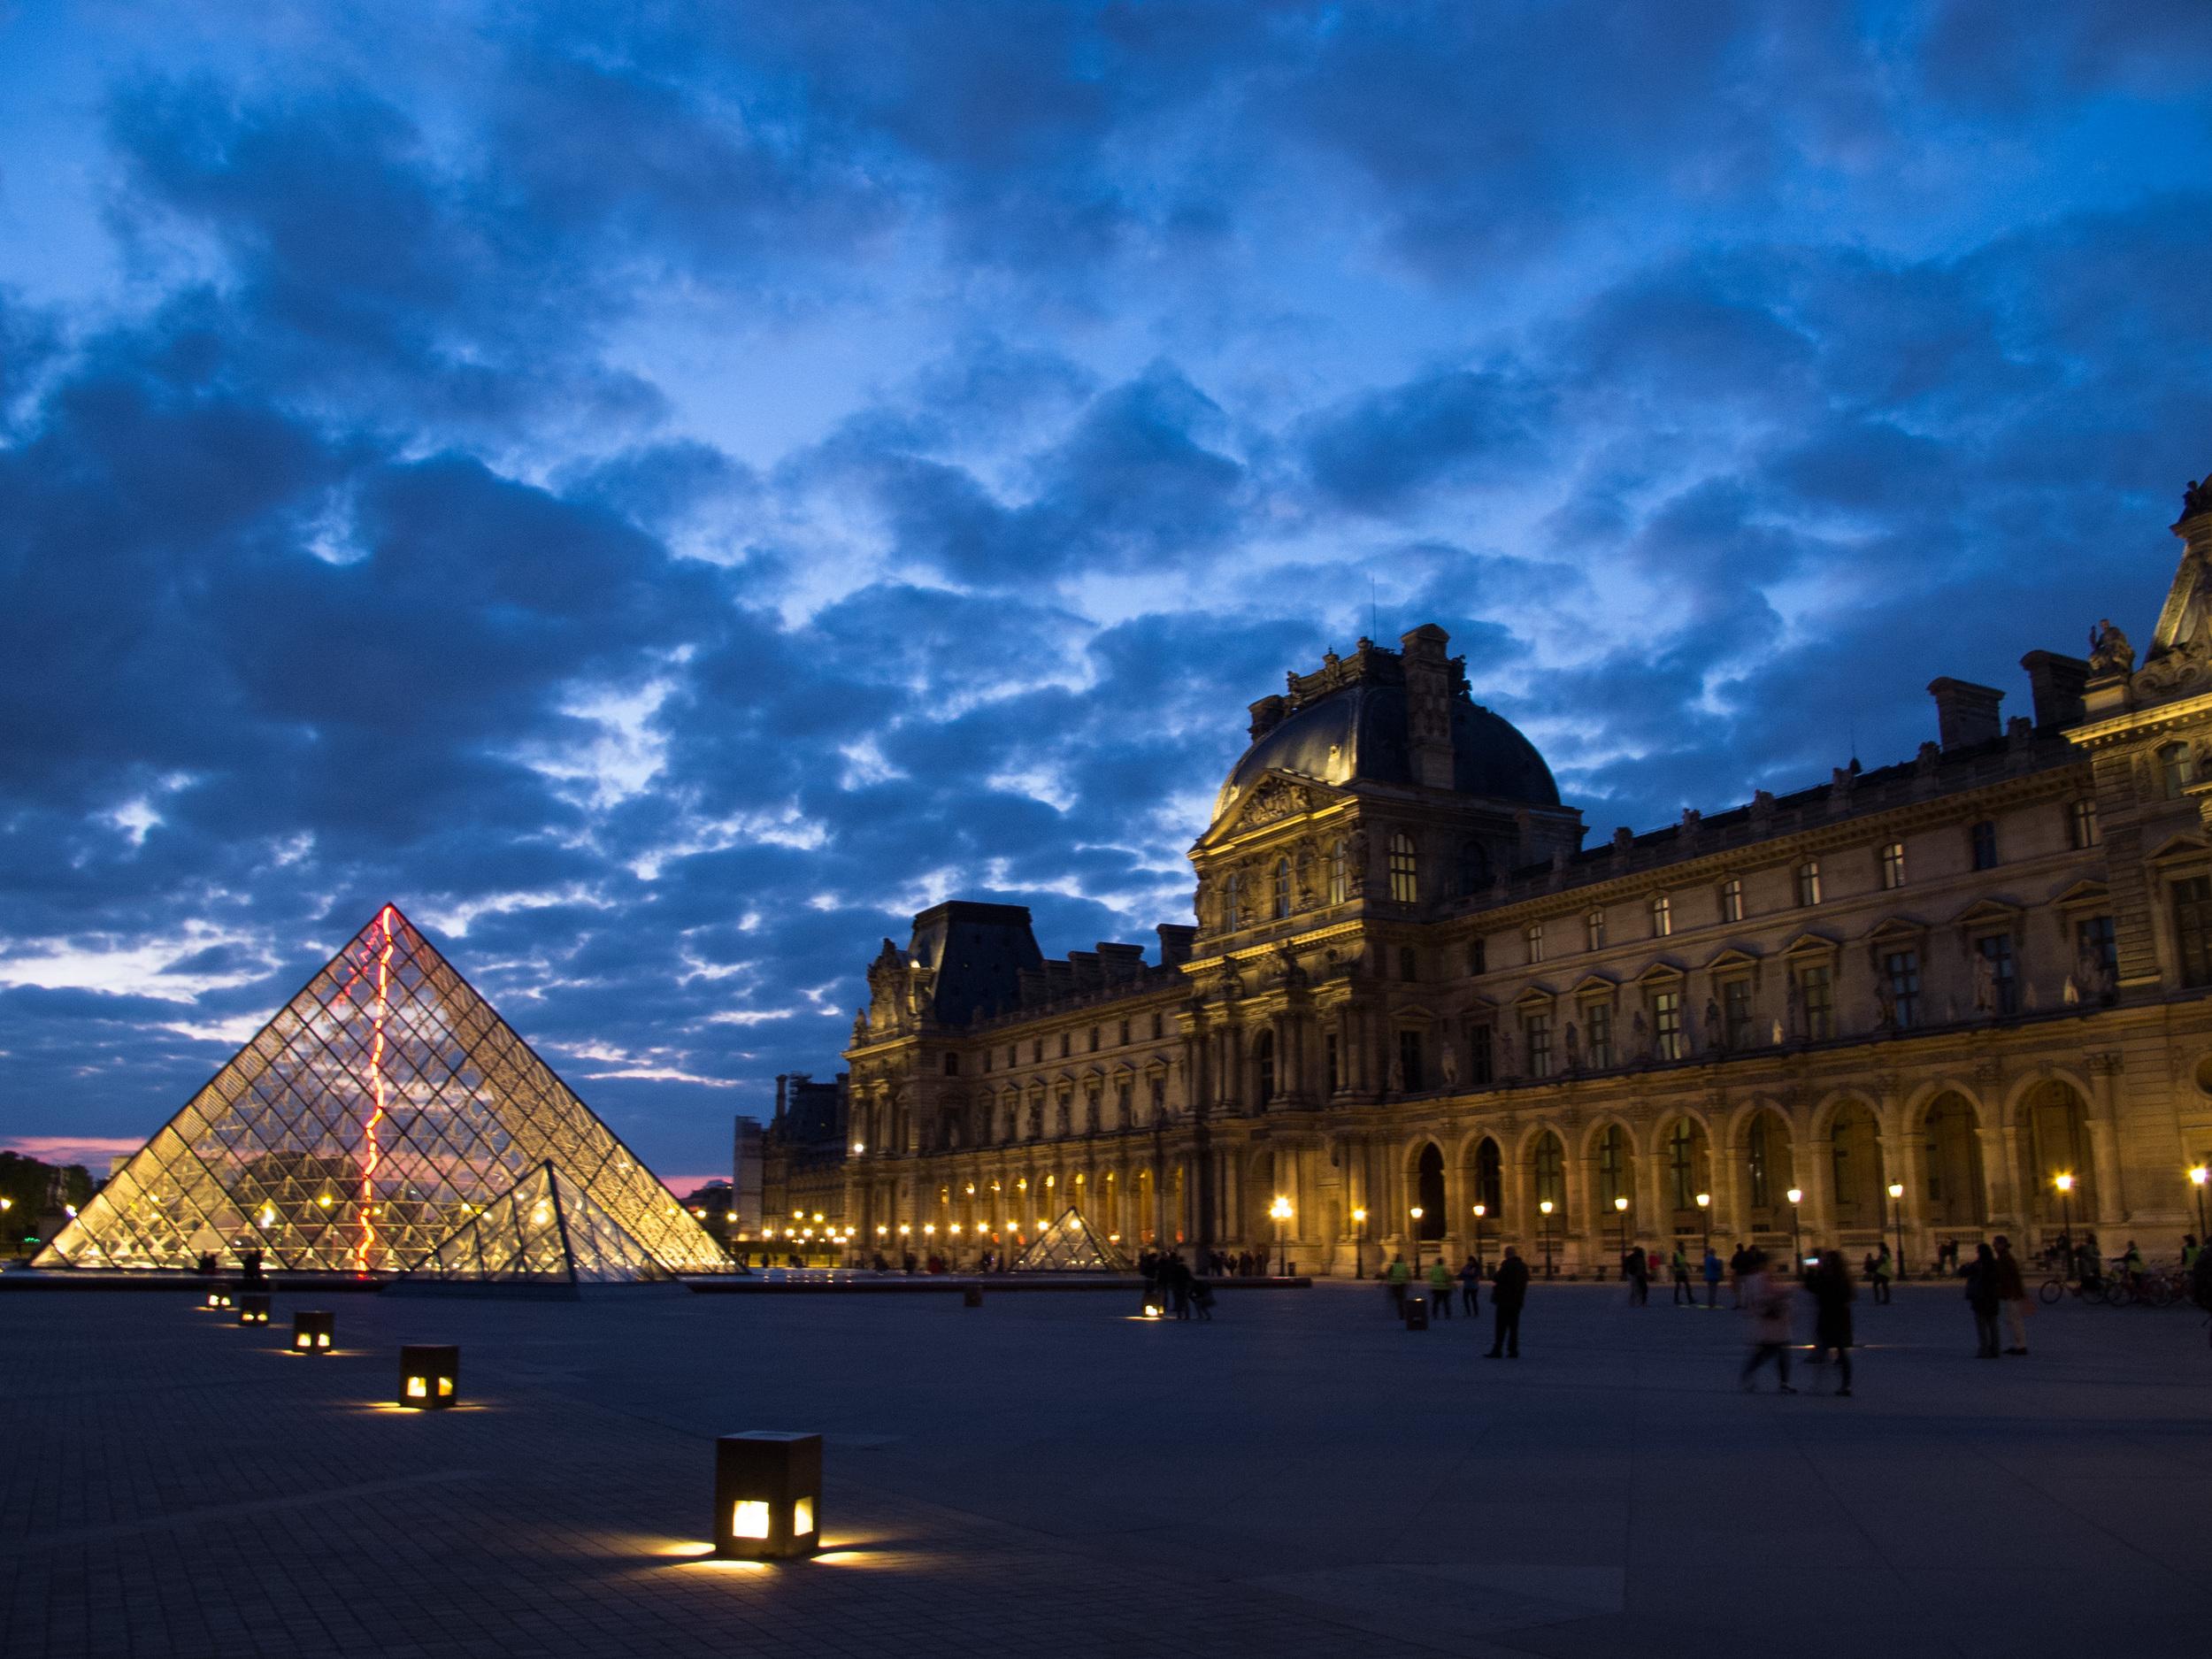 Louvre at Dusk, Paris